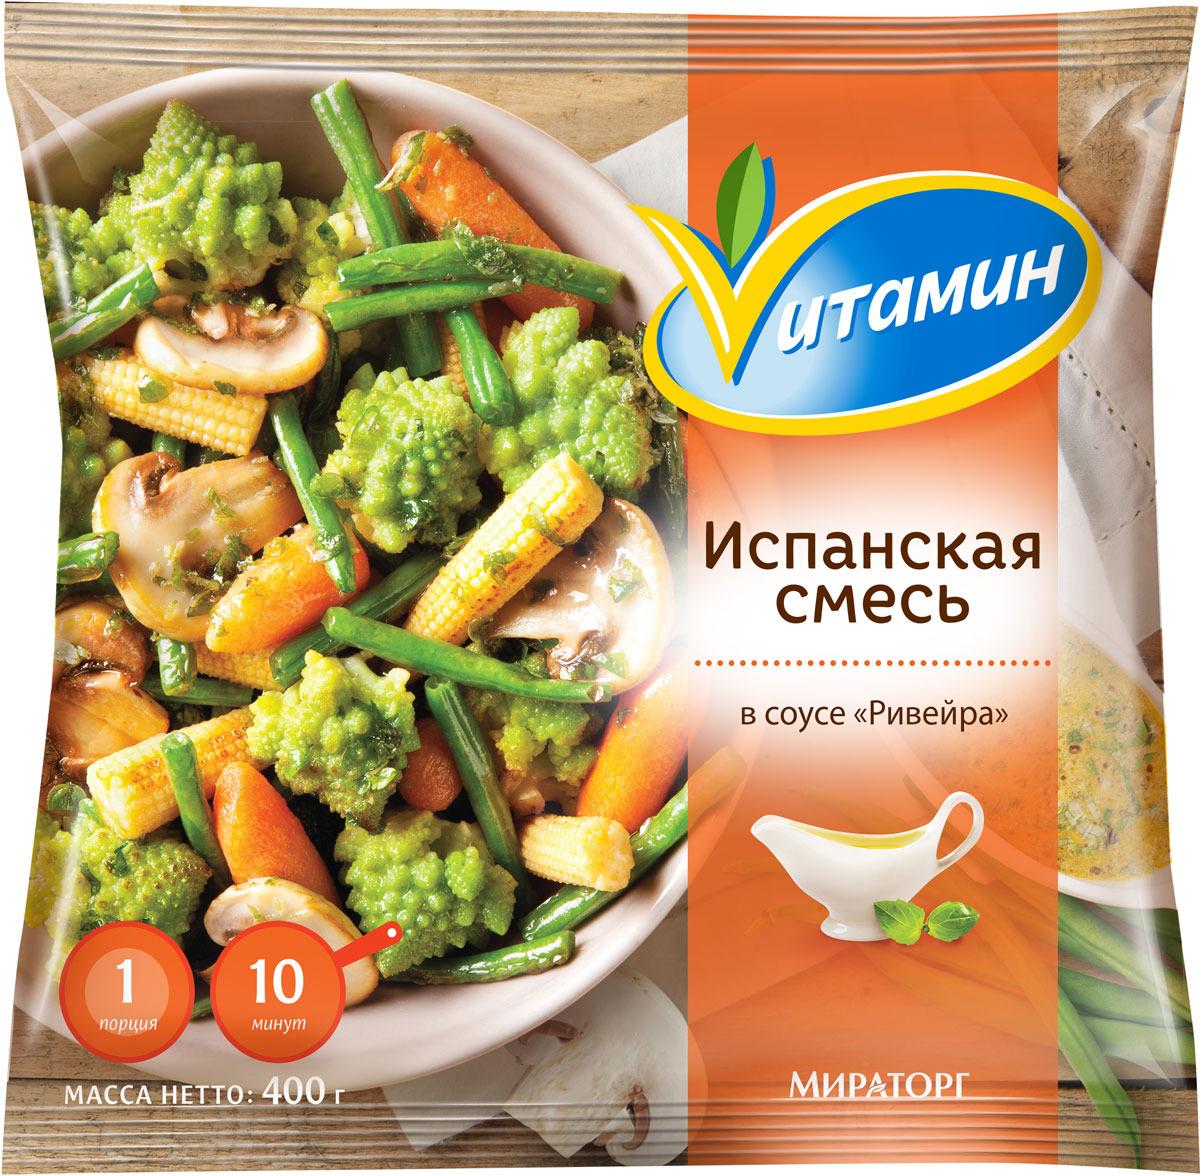 Смесь Испанская в соусе Ривейра Vитамин Мираторг, 400 г натюр малышам просто вкусно полезно